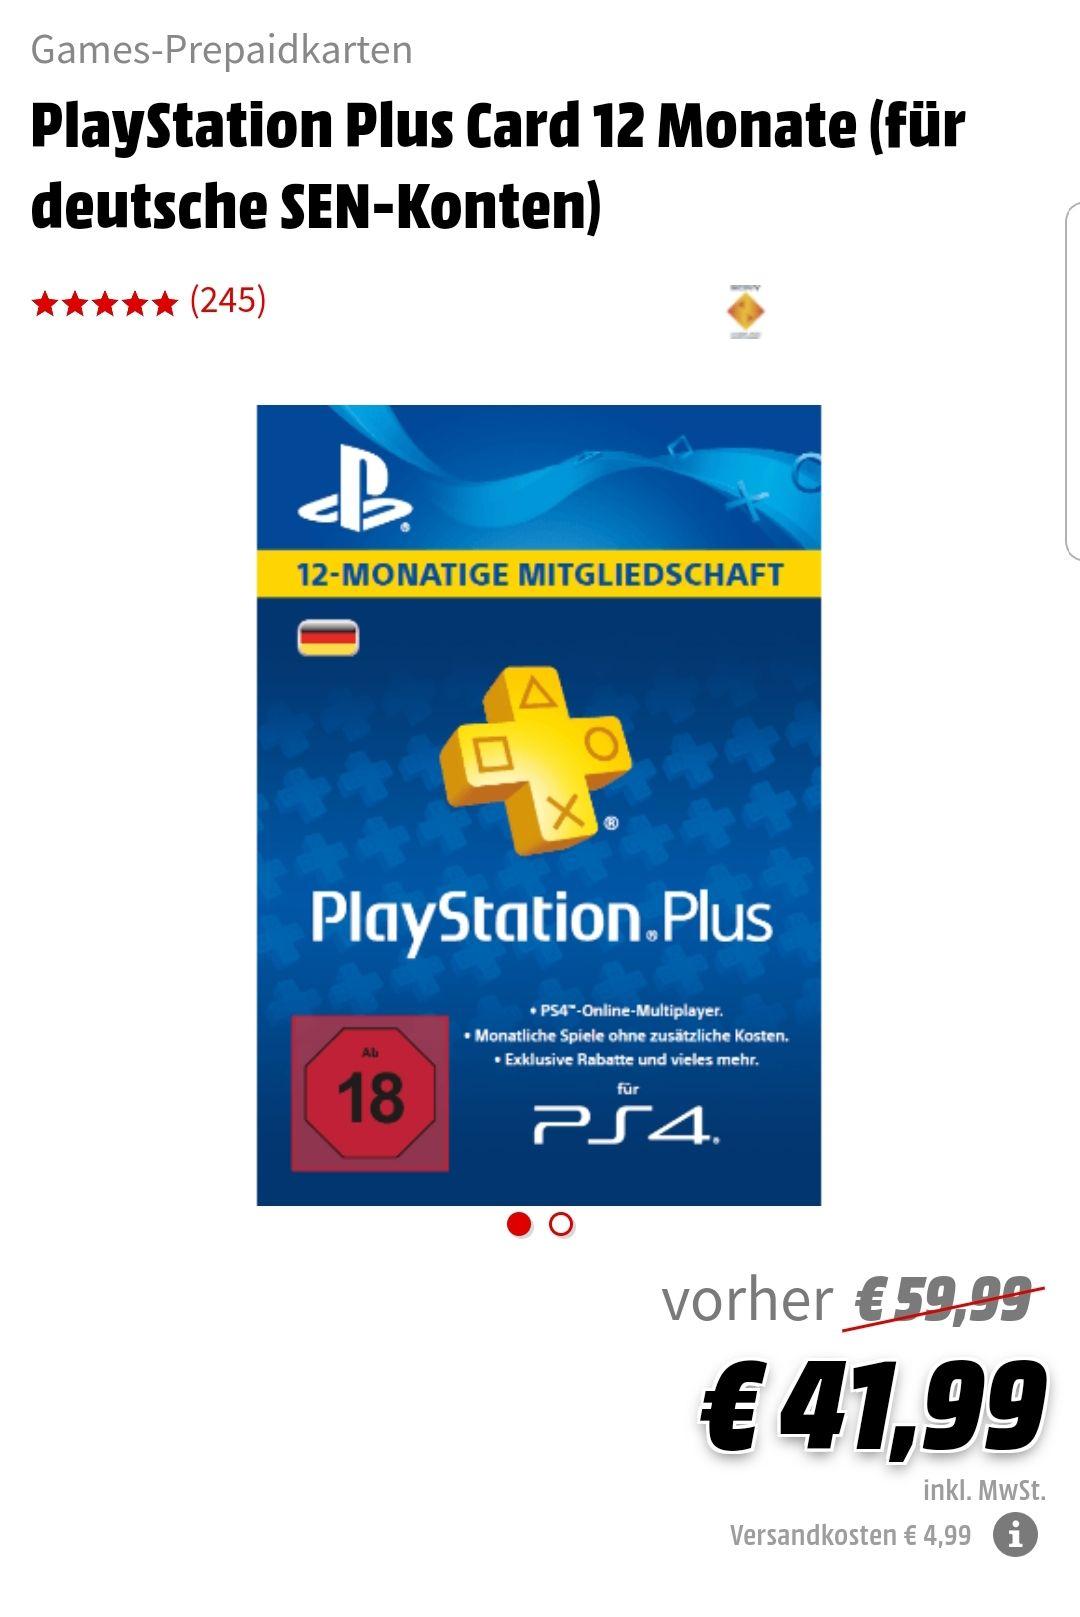 Playstation Plus 12 Monate für 41.99 € (Media Markt Abholung)